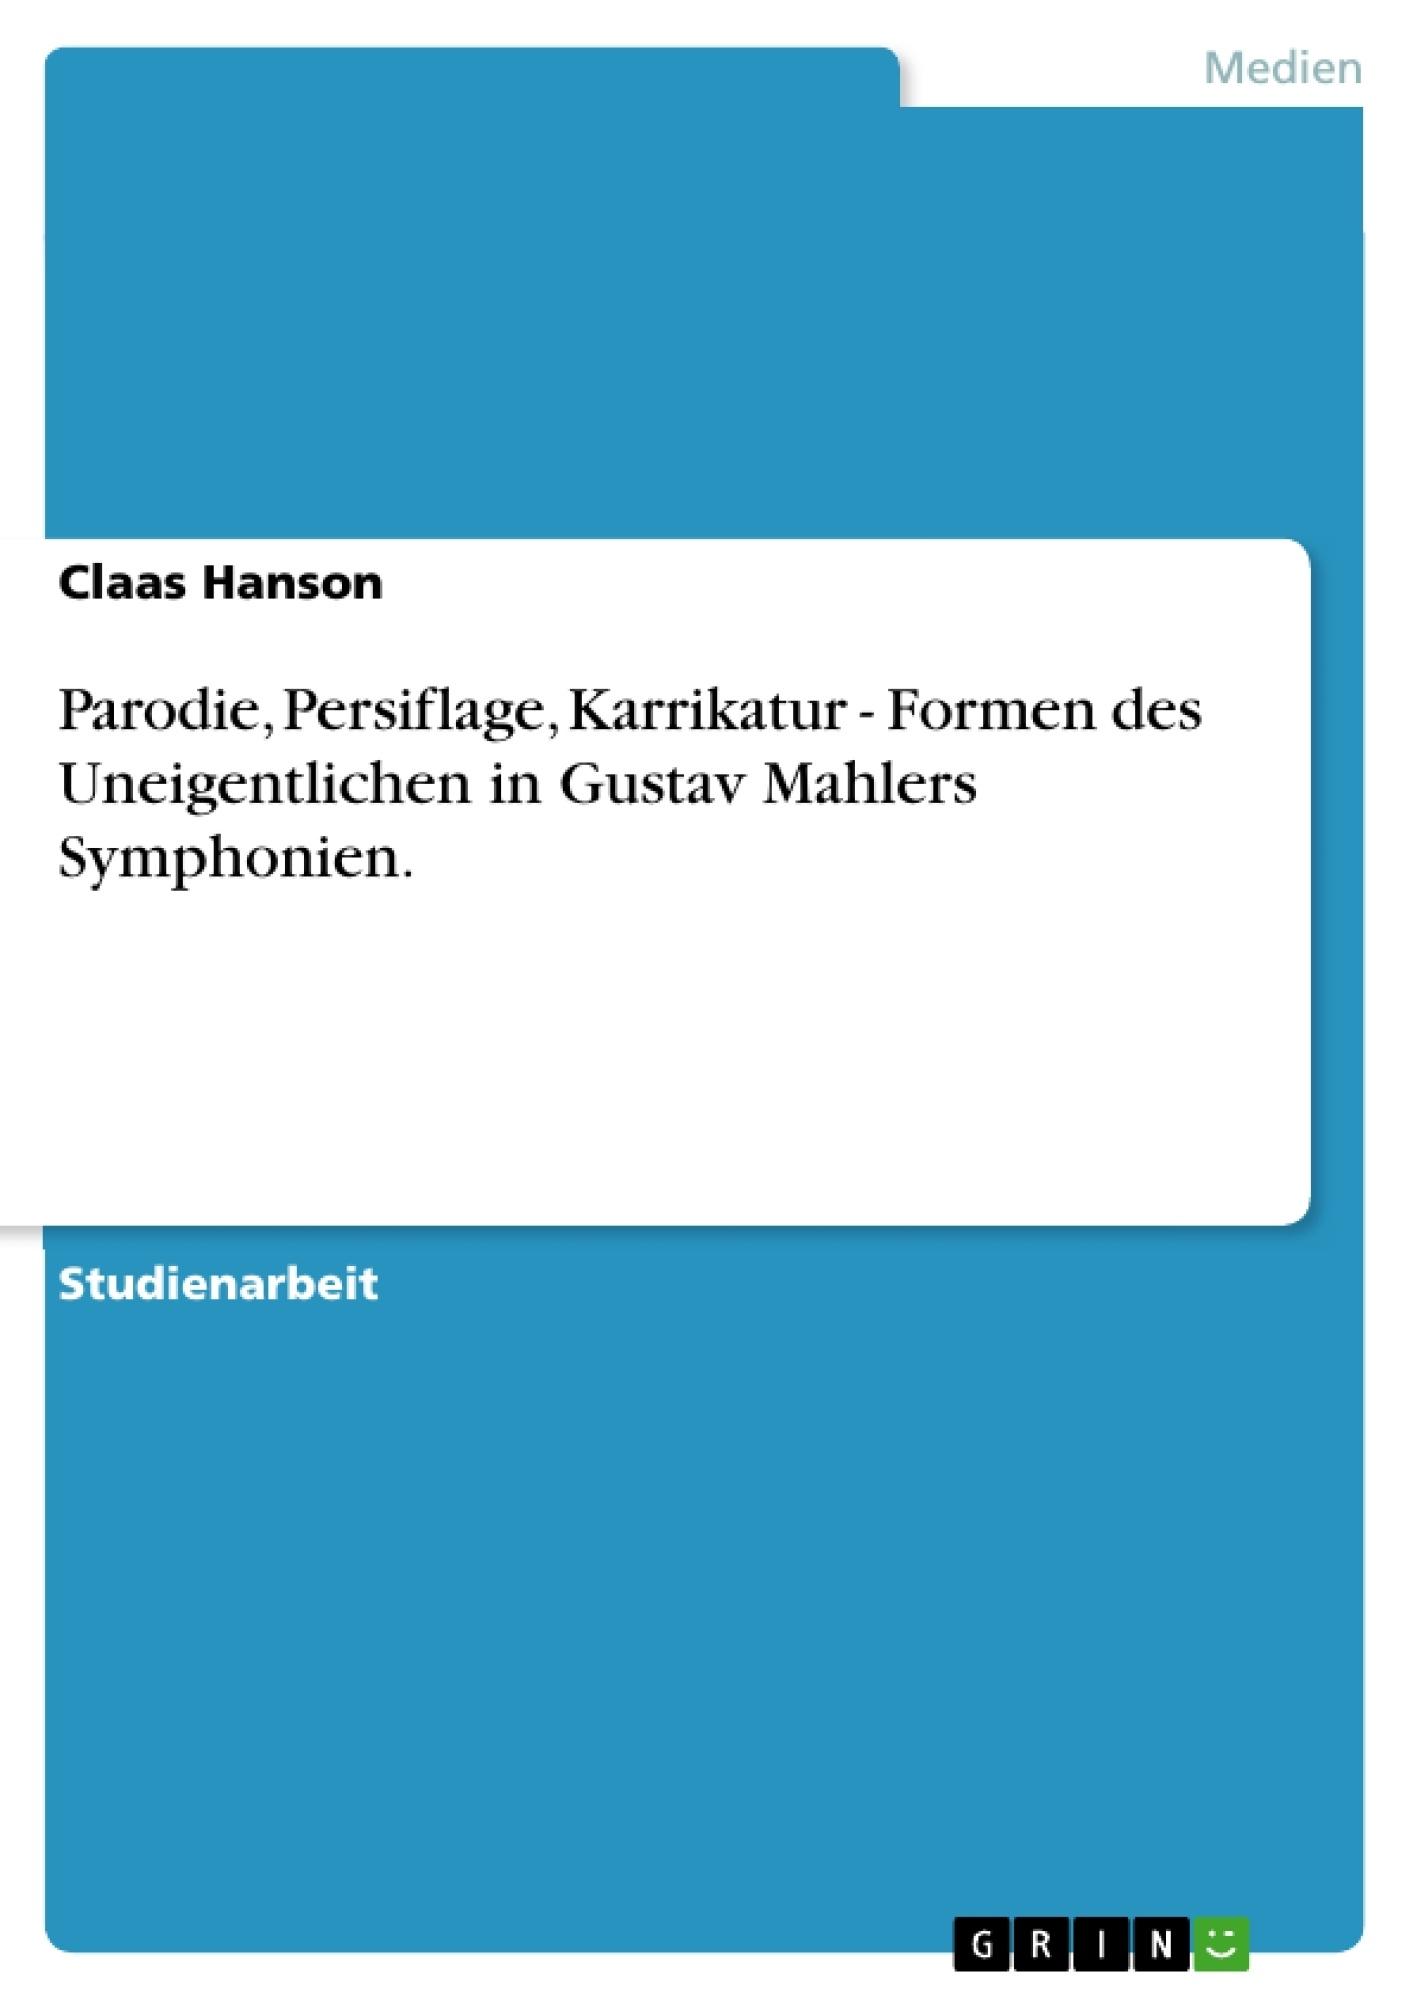 Titel: Parodie, Persiflage, Karrikatur - Formen des Uneigentlichen in Gustav Mahlers Symphonien.